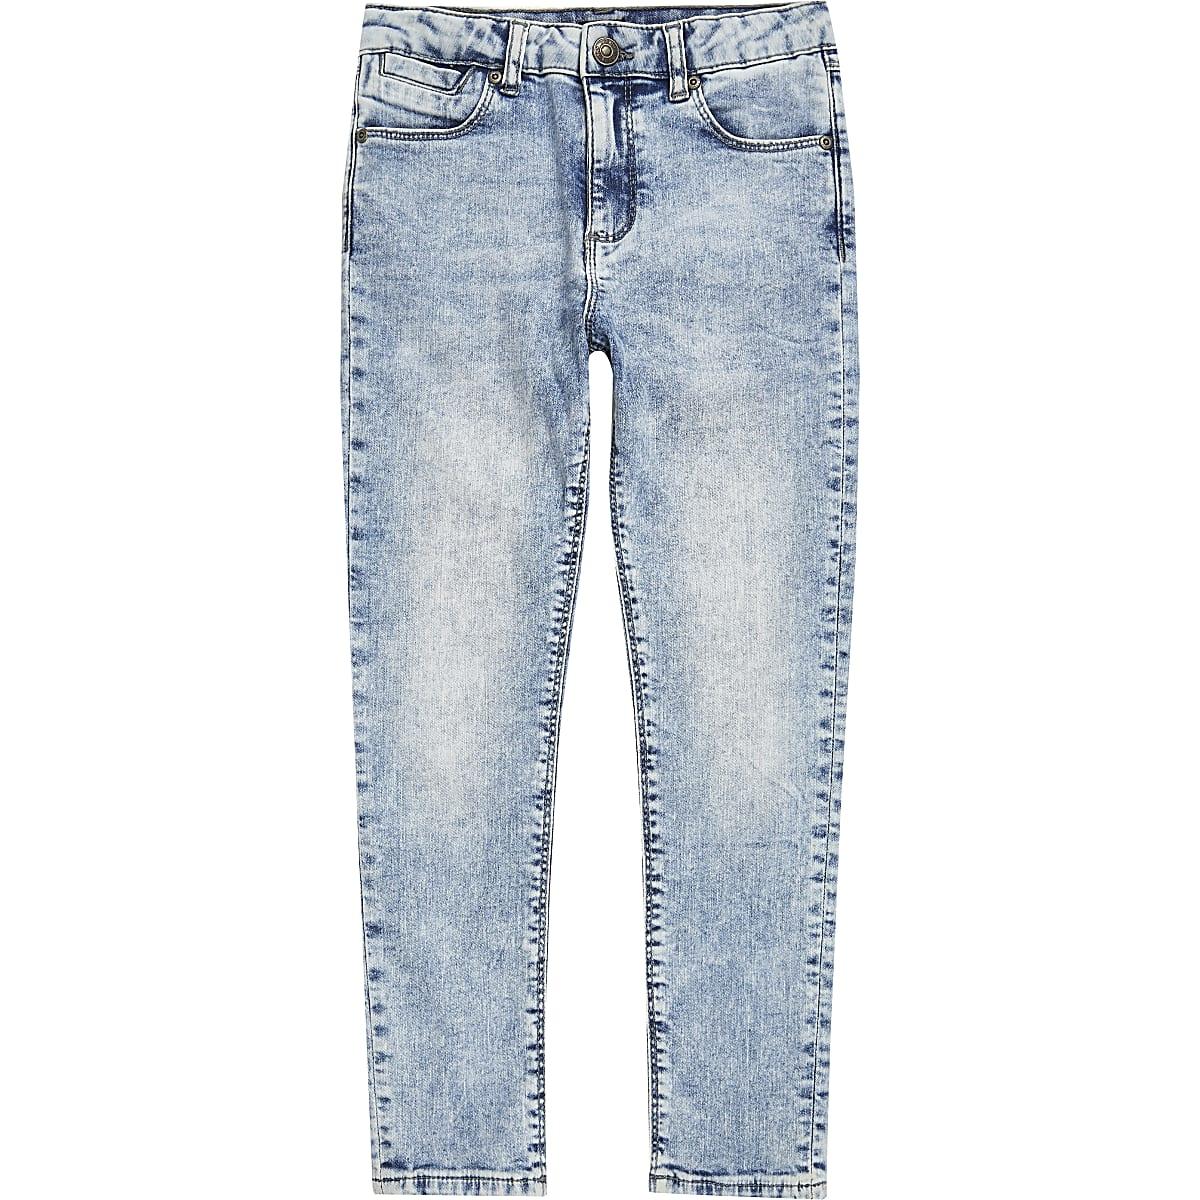 Light blue Danny acid super skinny jeans